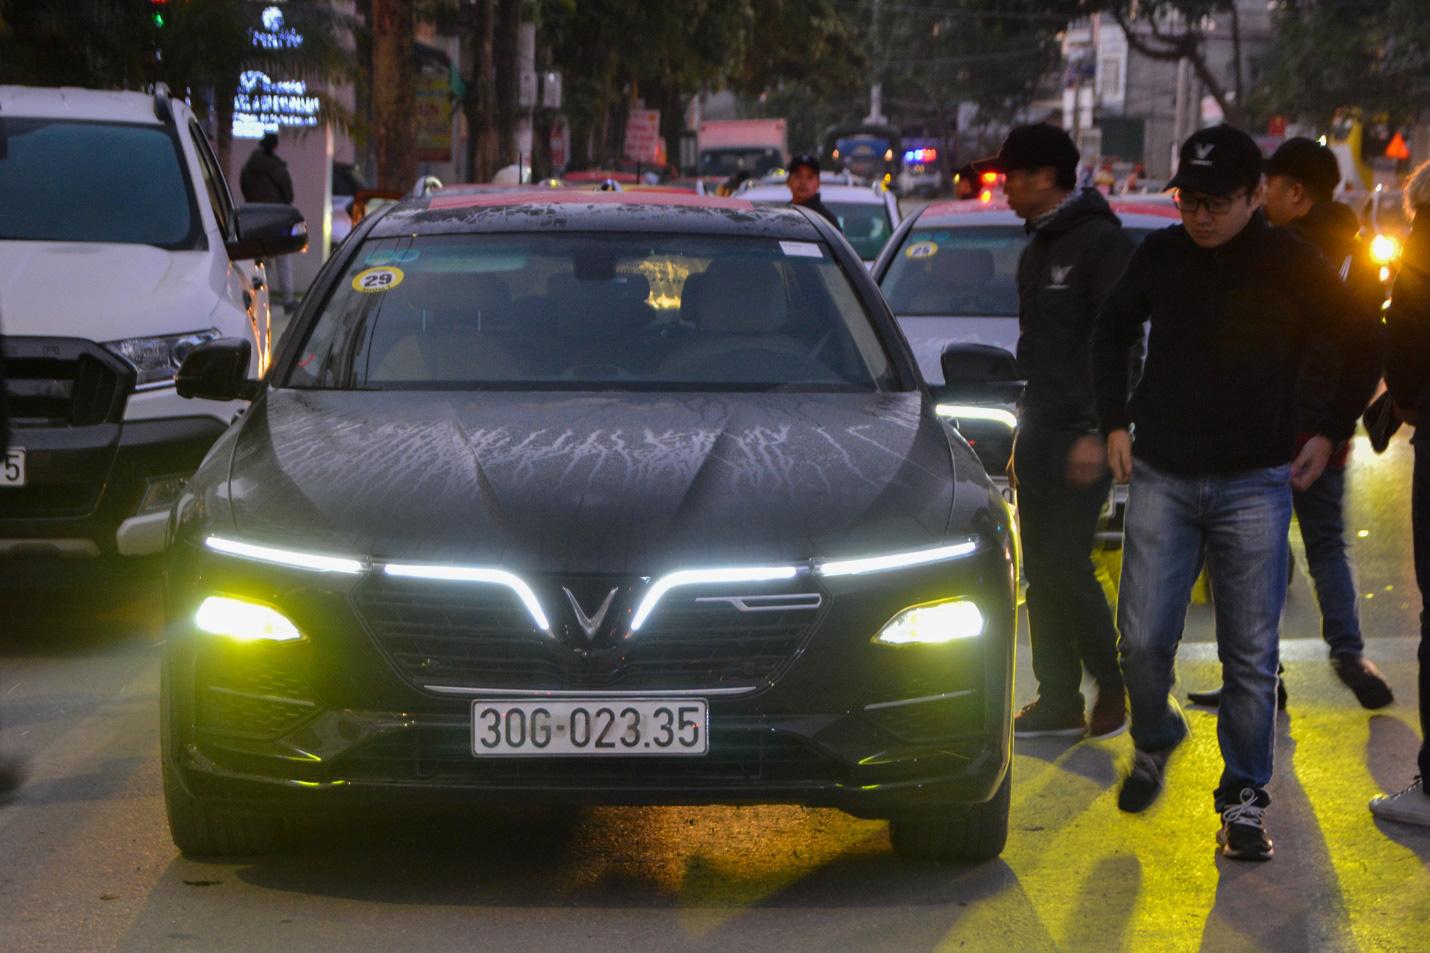 Hàng trăm chủ xe VinFast hào hứng tiếp tục hành trình chinh phục Hà Giang: Không mỏi mệt sau ngày đầu leo đèo - Ảnh 1.